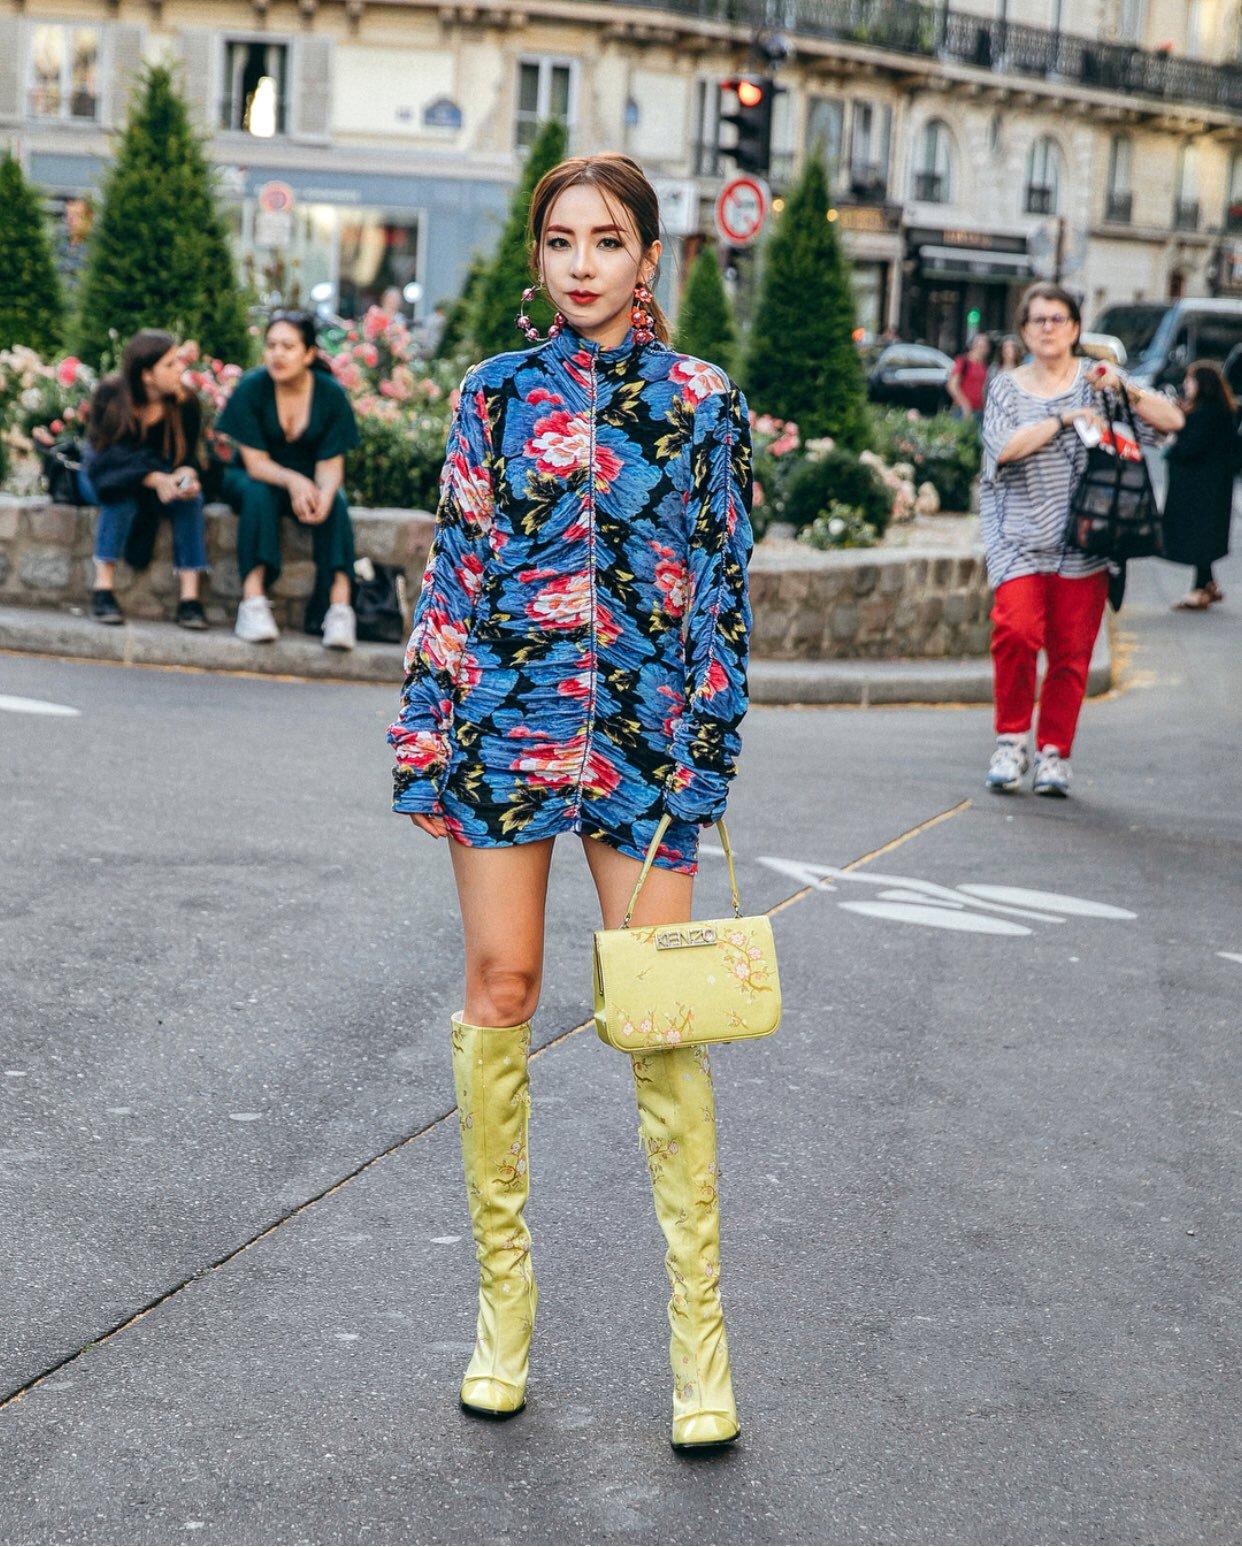 sao Kpop tham dự Tuần lễ Thời trang quốc tế 13